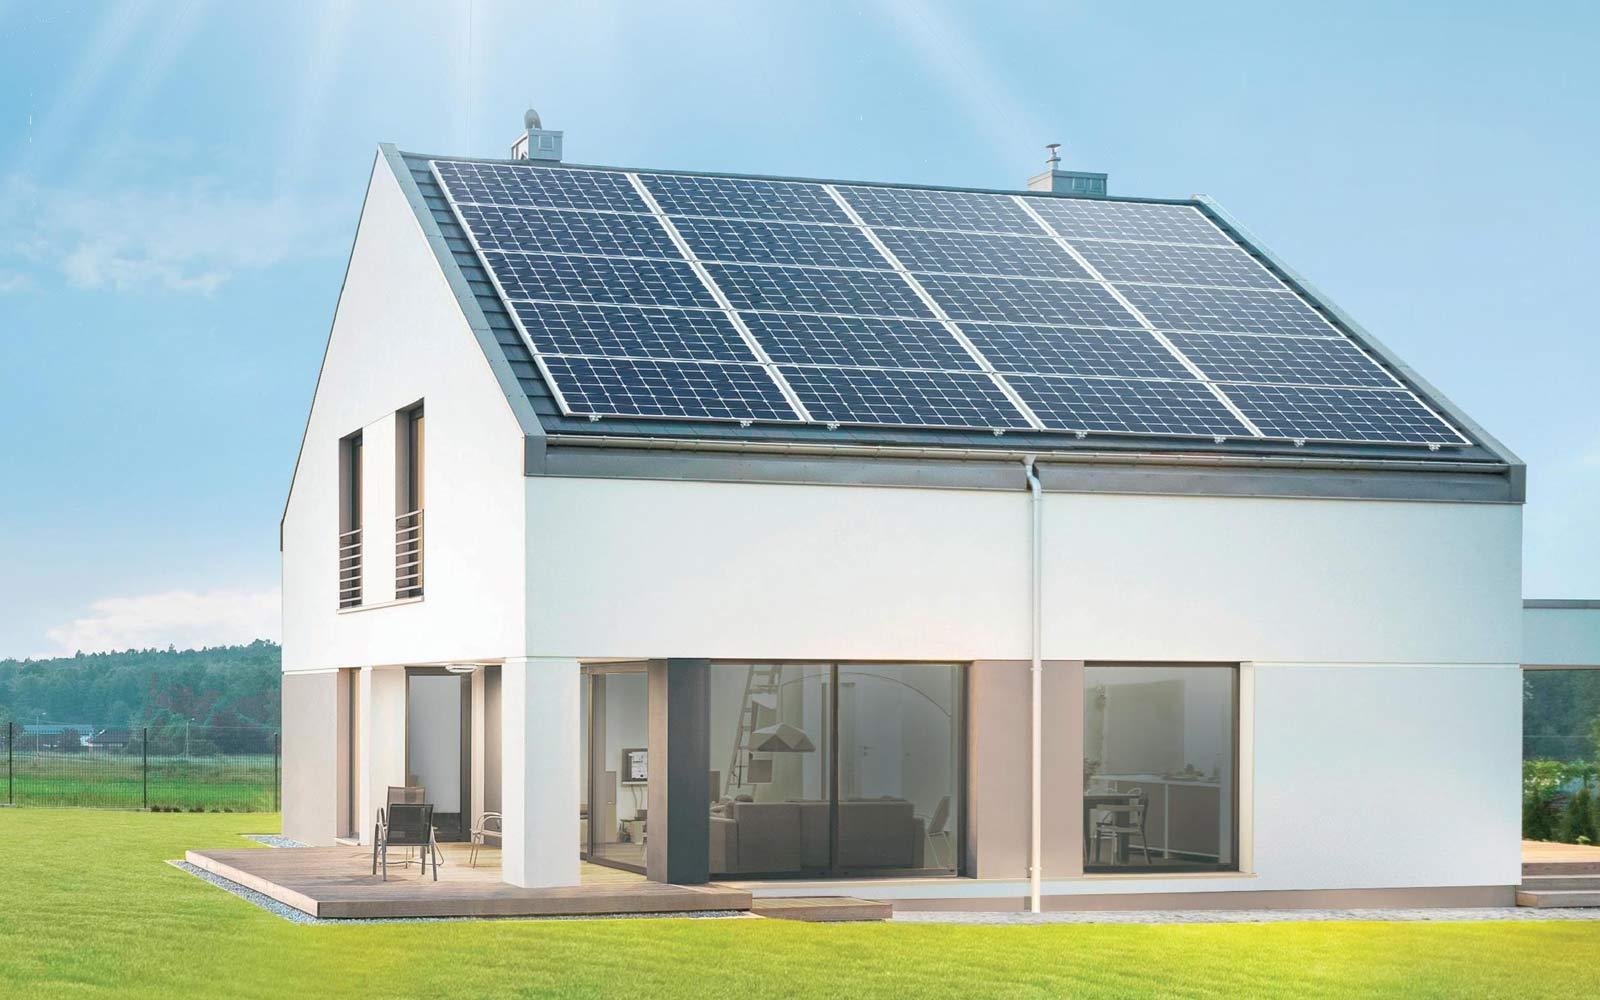 edinstalacije-solarni-paneli-4